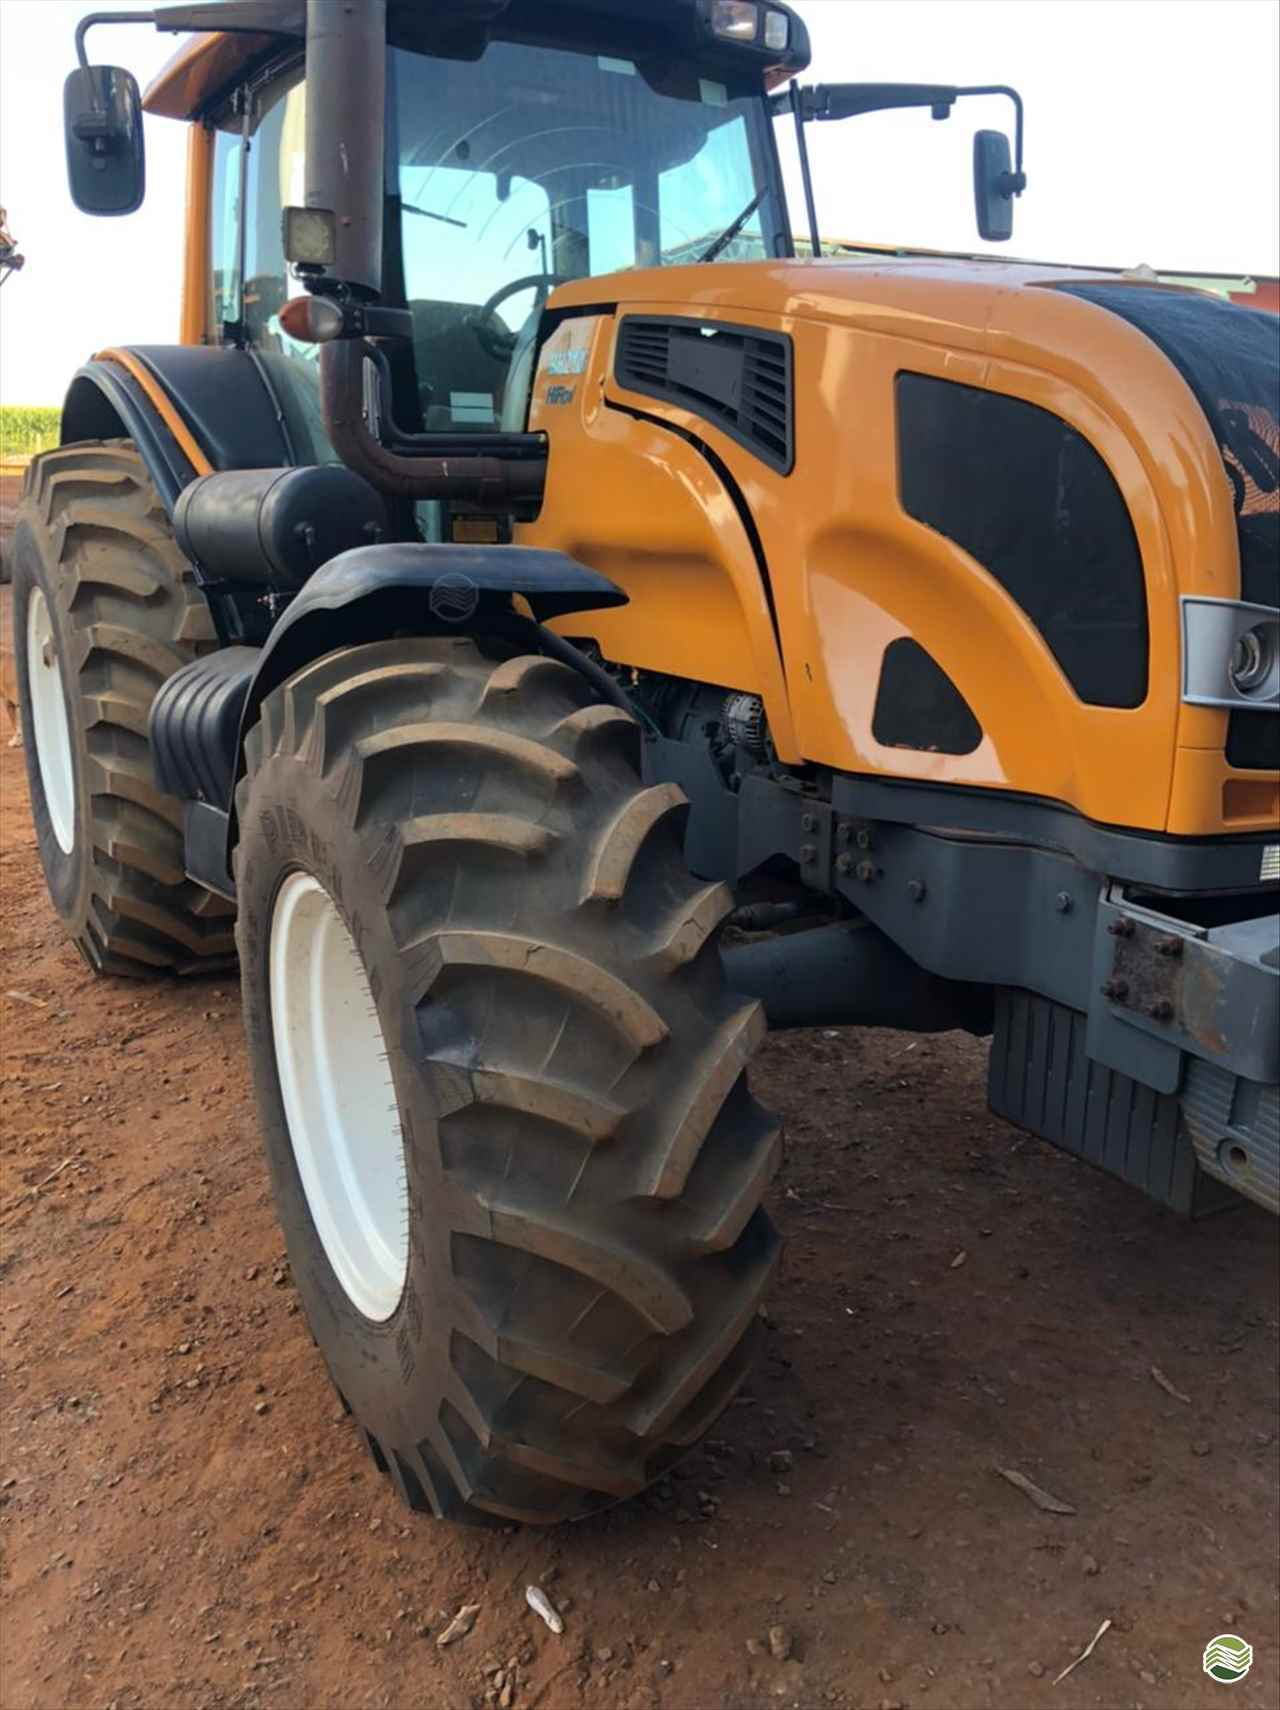 TRATOR VALTRA VALTRA BH 210 Tração 4x4 Gama Máquinas Agrícolas RIO VERDE GOIAS GO